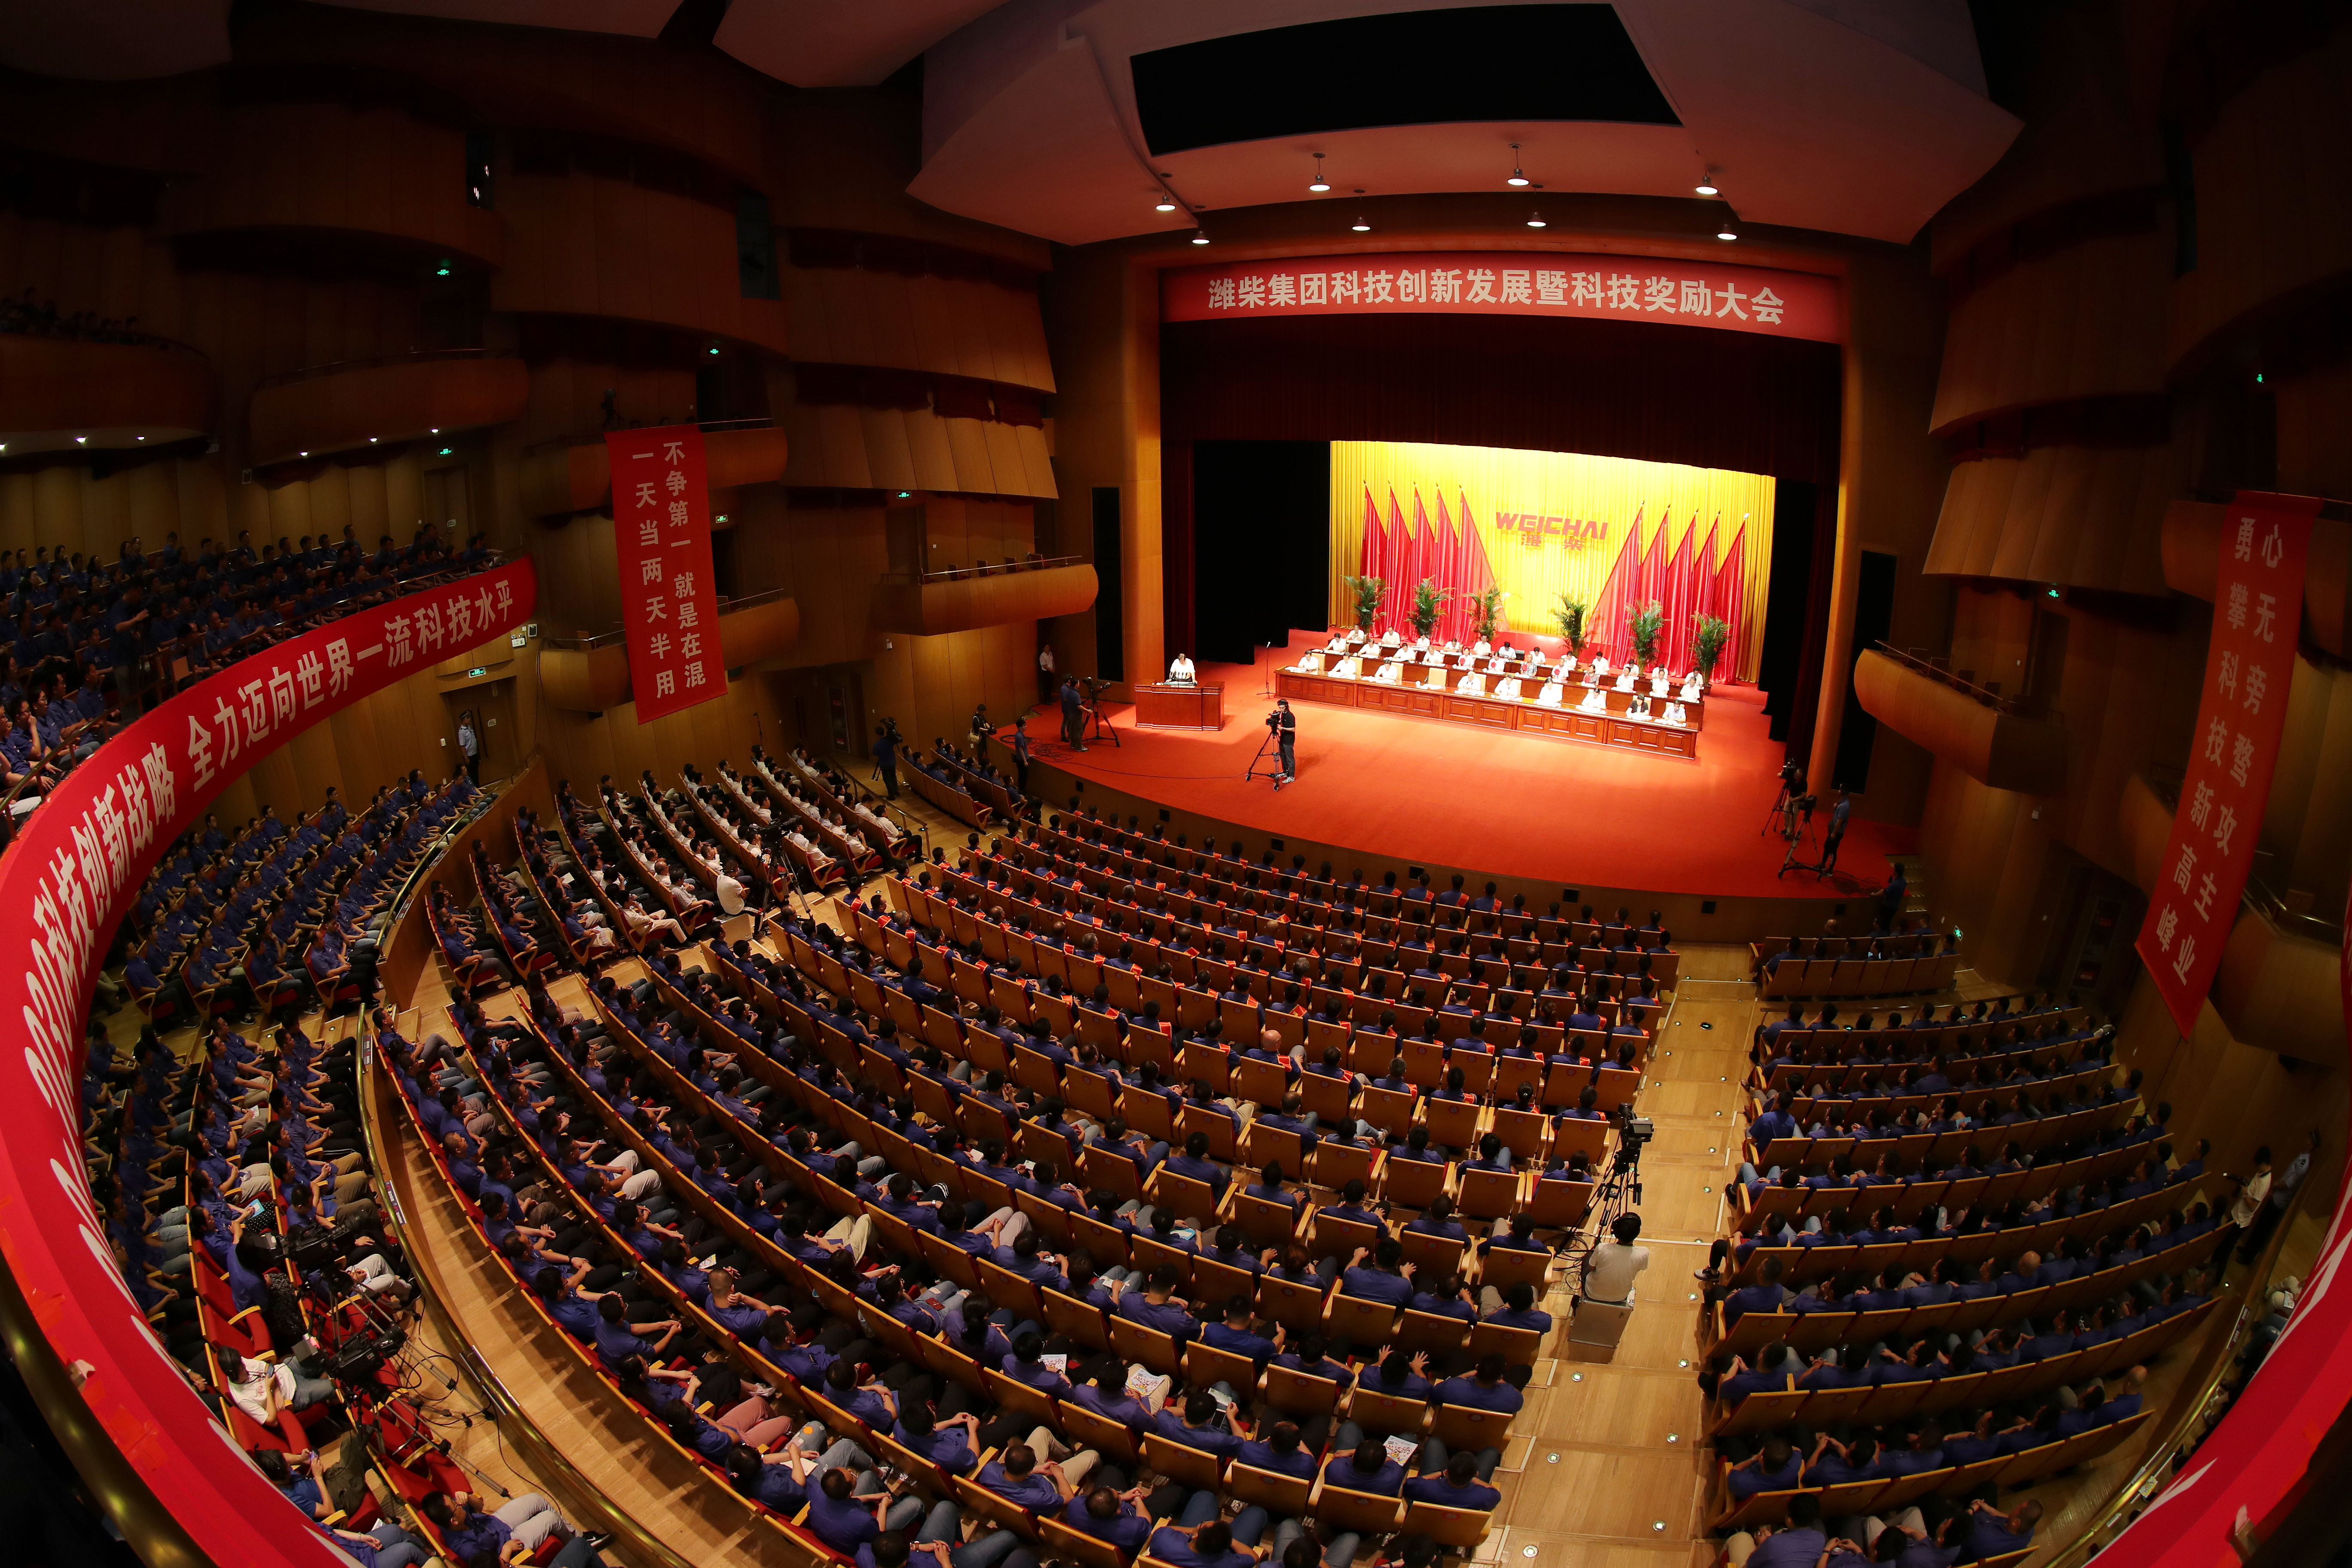 谭旭光:潍柴青年科技英雄团队是我们的骄傲